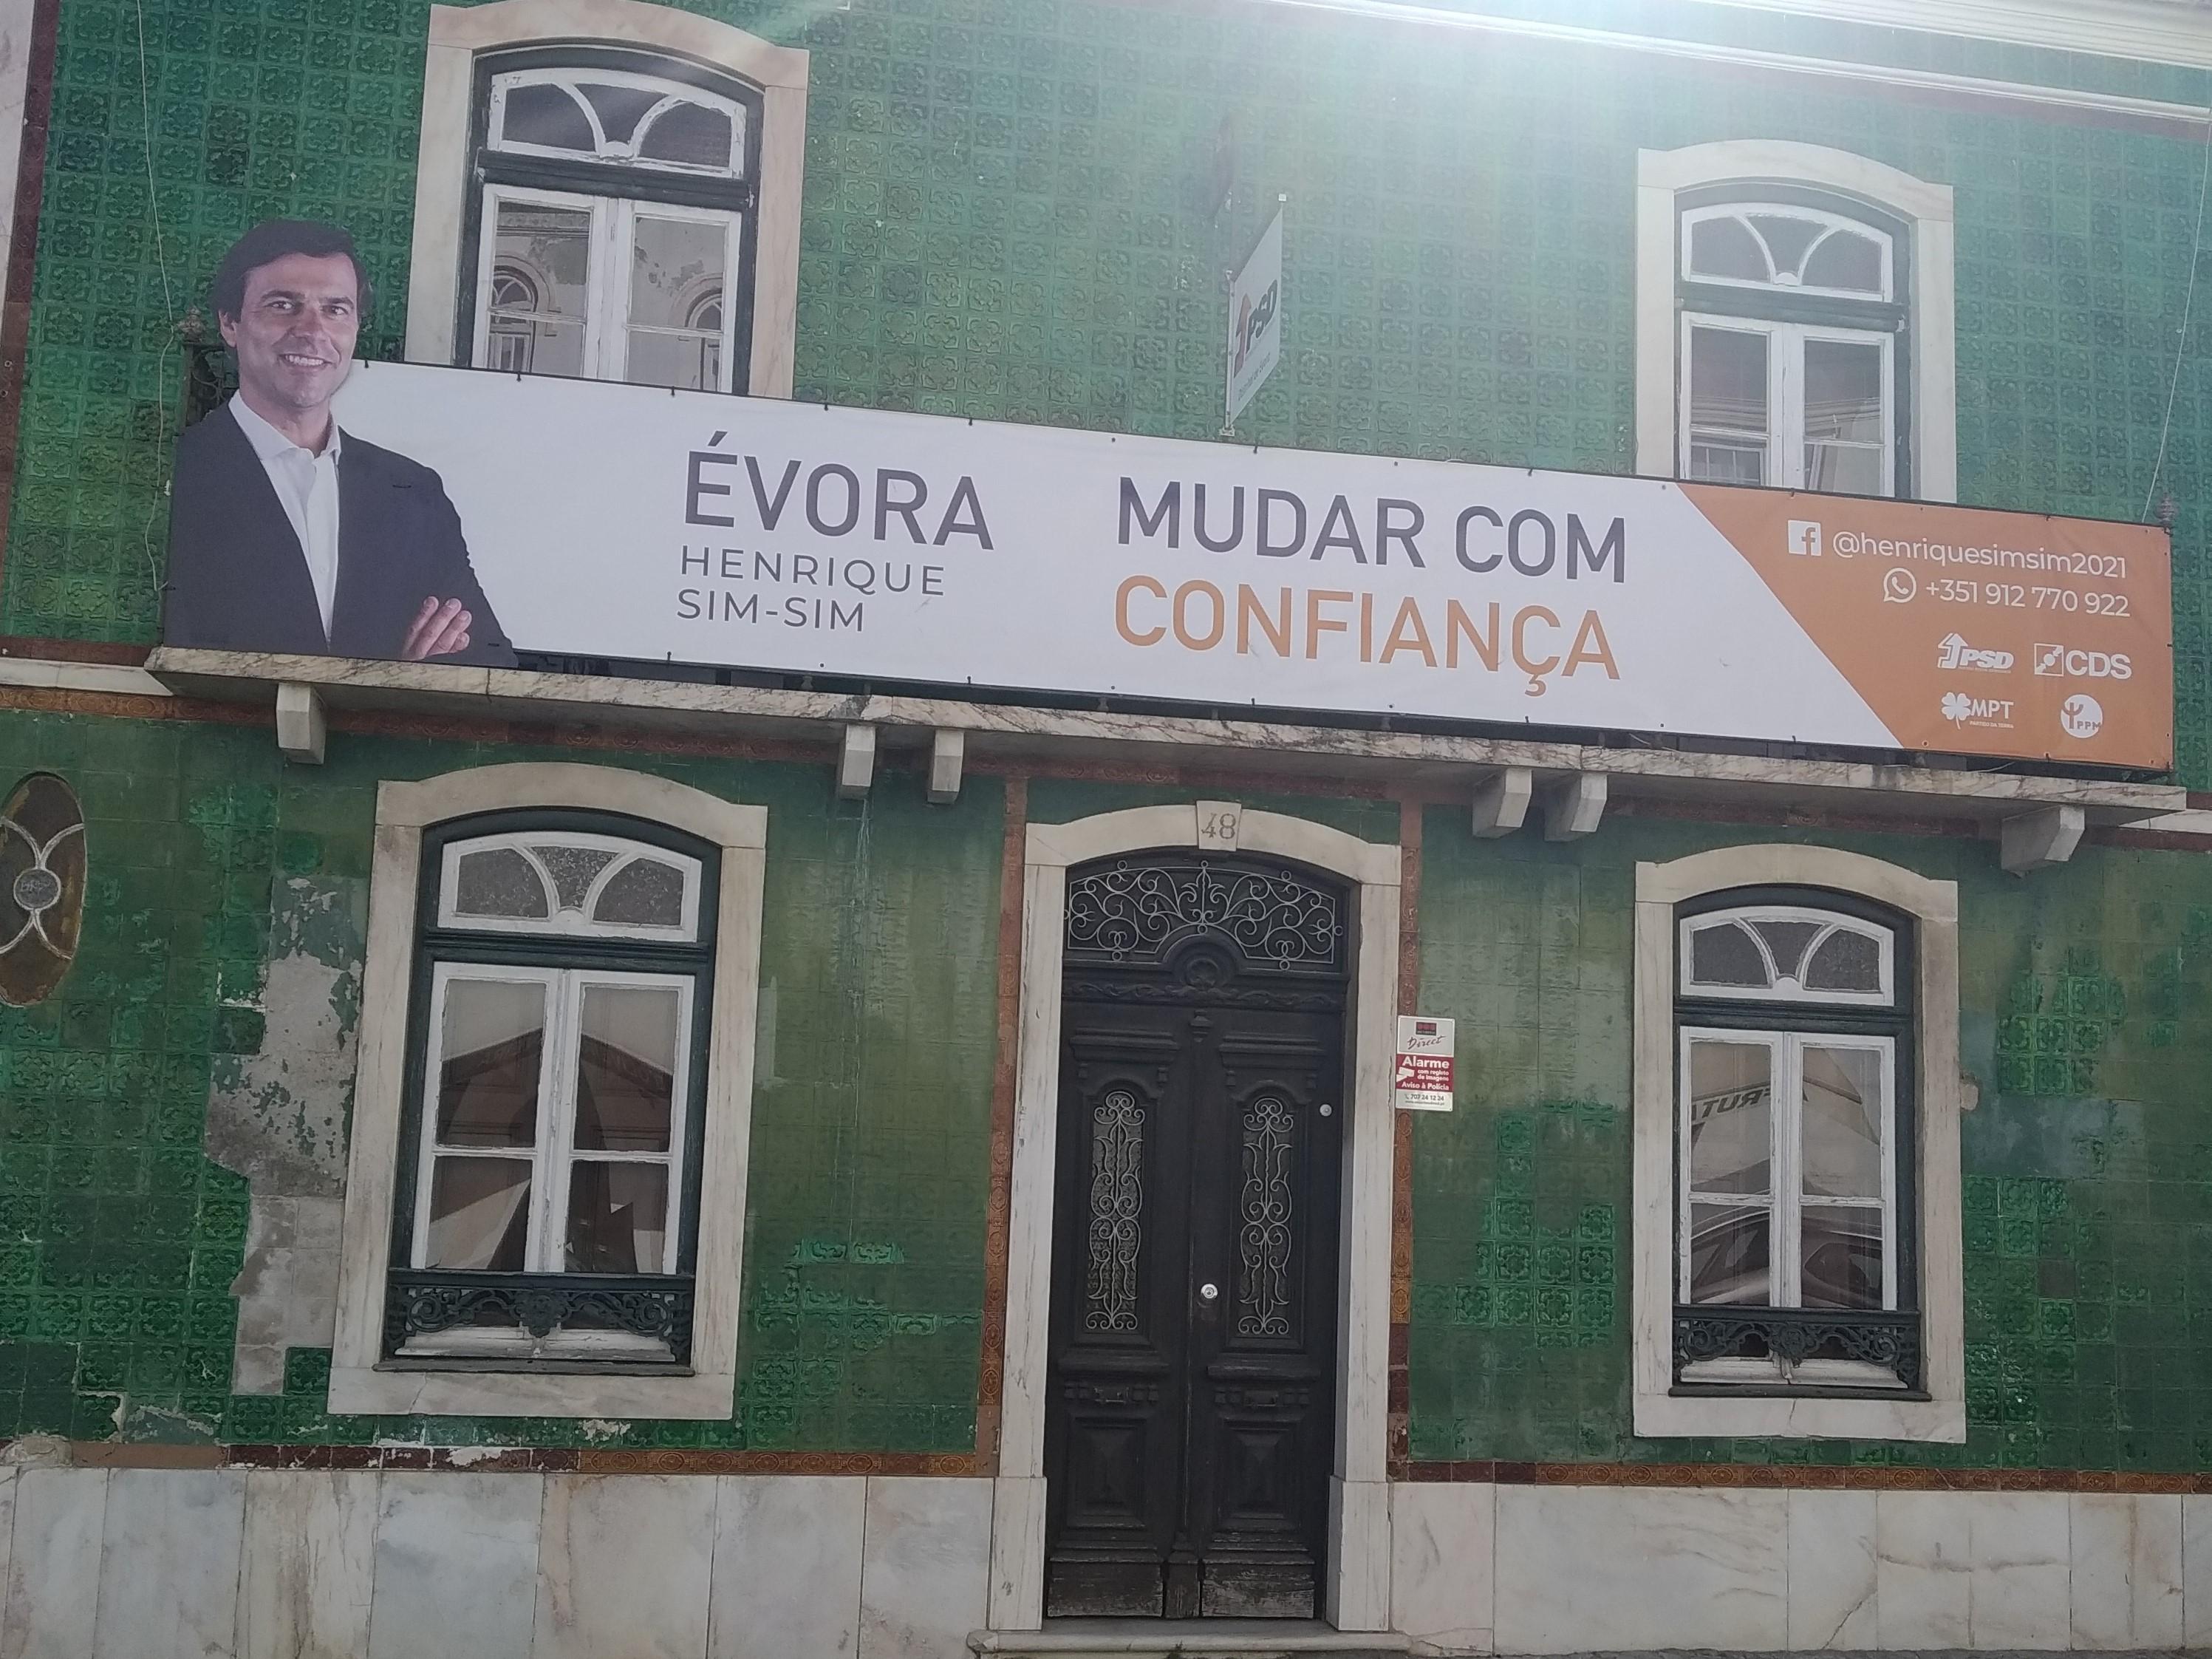 PSD_2021_Evora_22